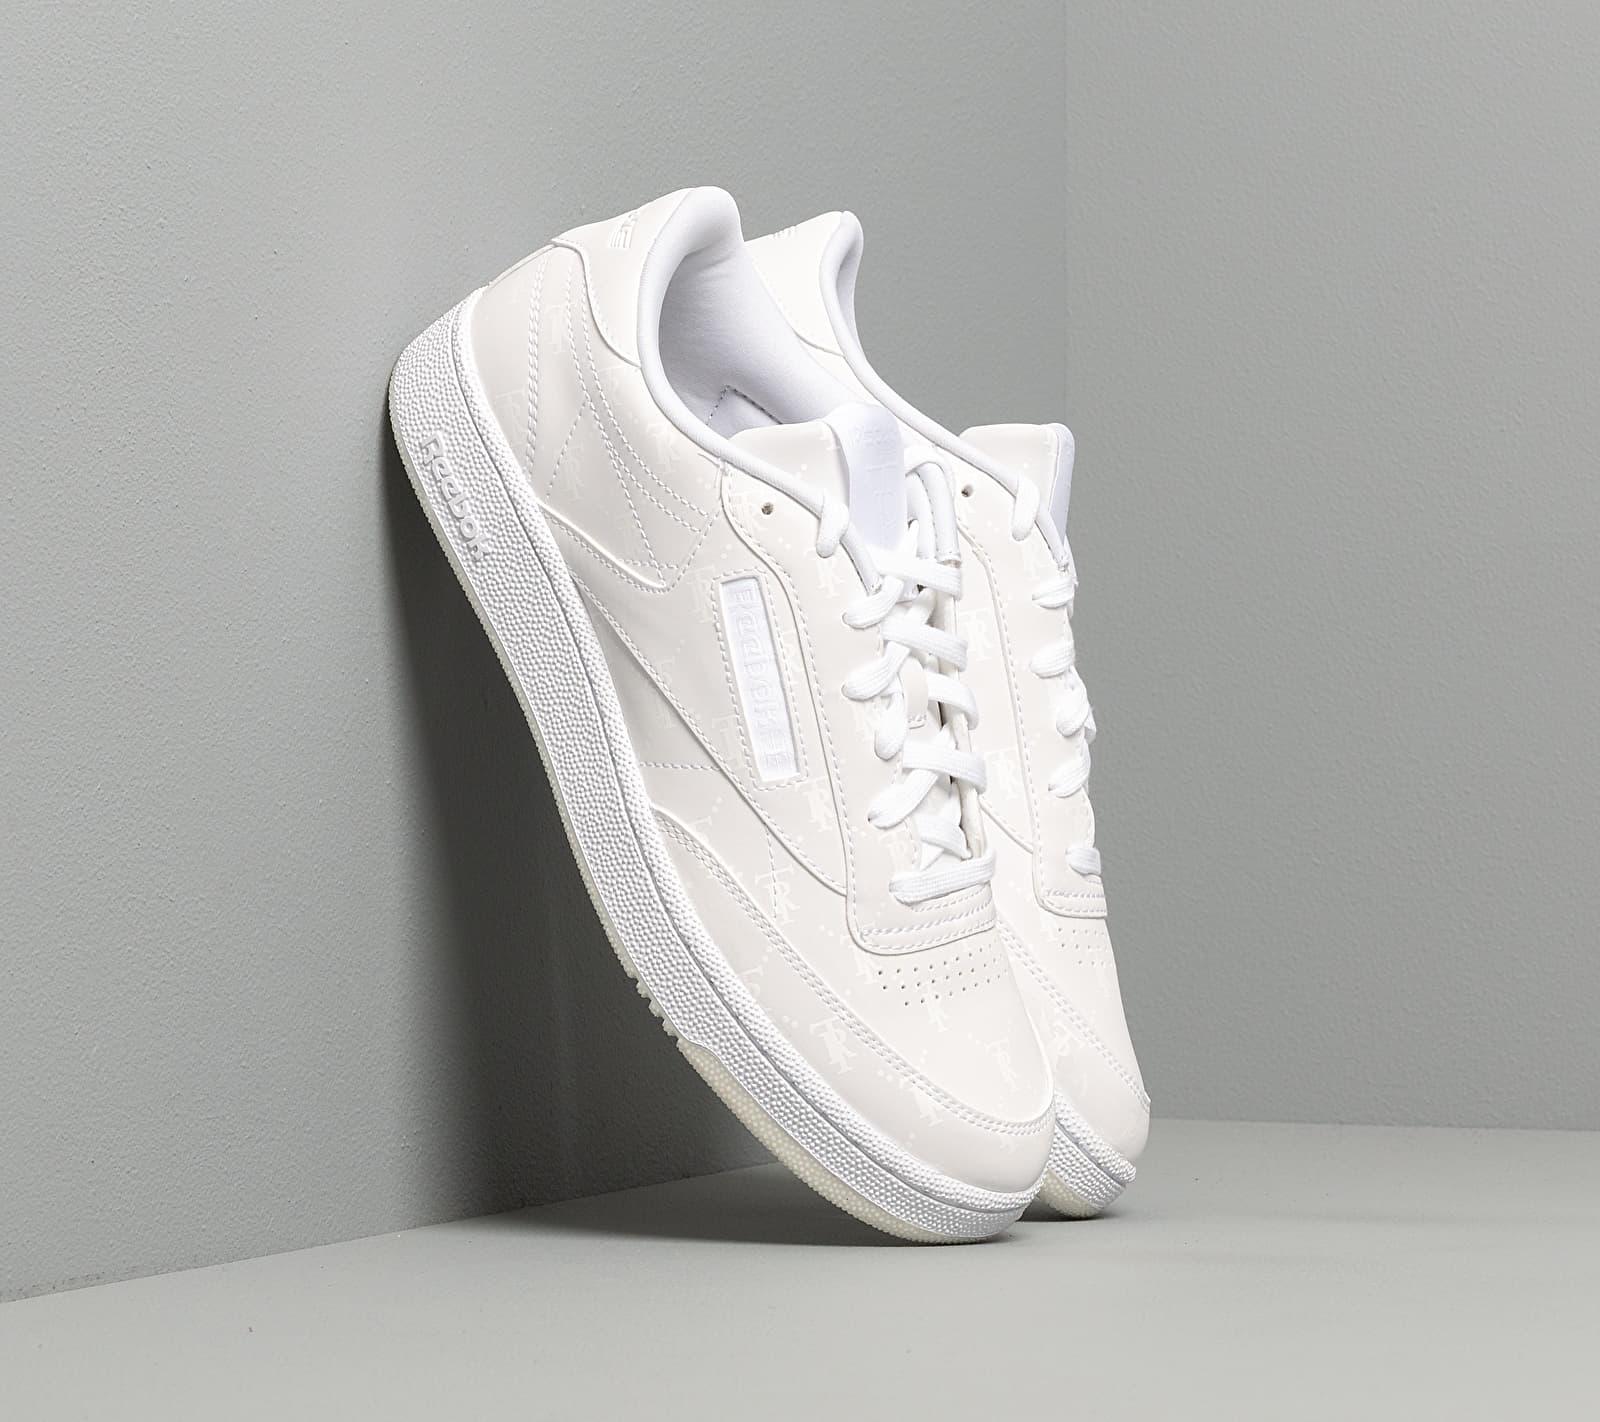 Reebok x Trés Rasché Club C 85 MU White/ White/ White EUR 44.5